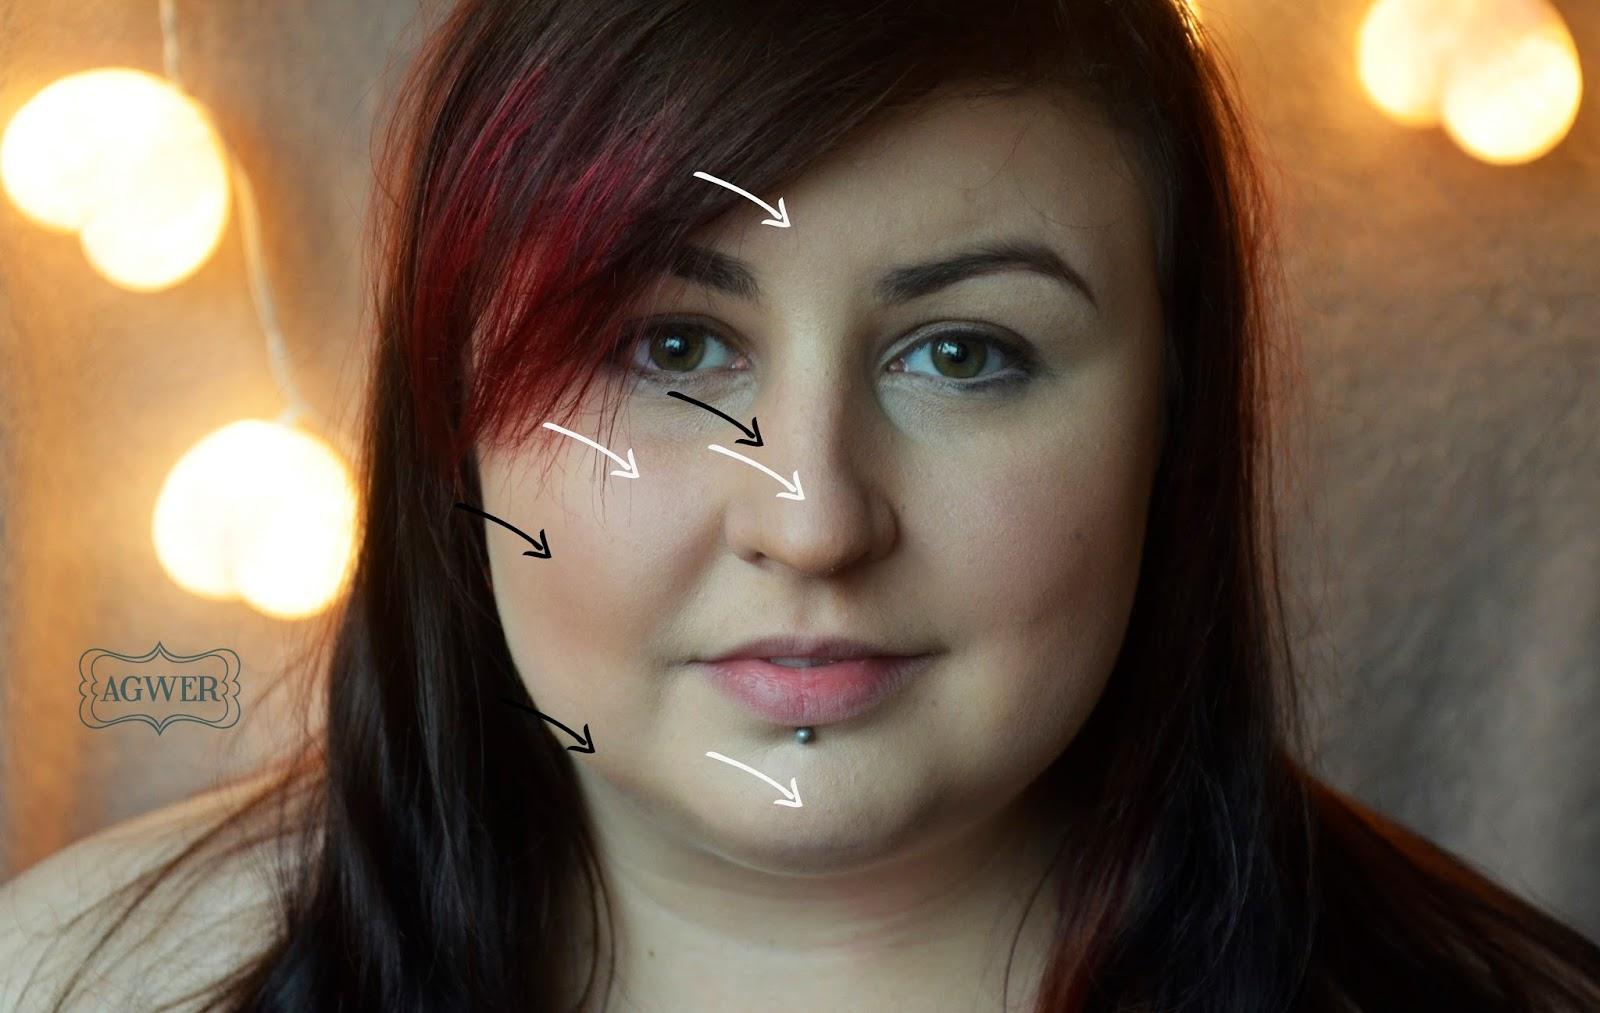 Jak konturować twarz podkładami?